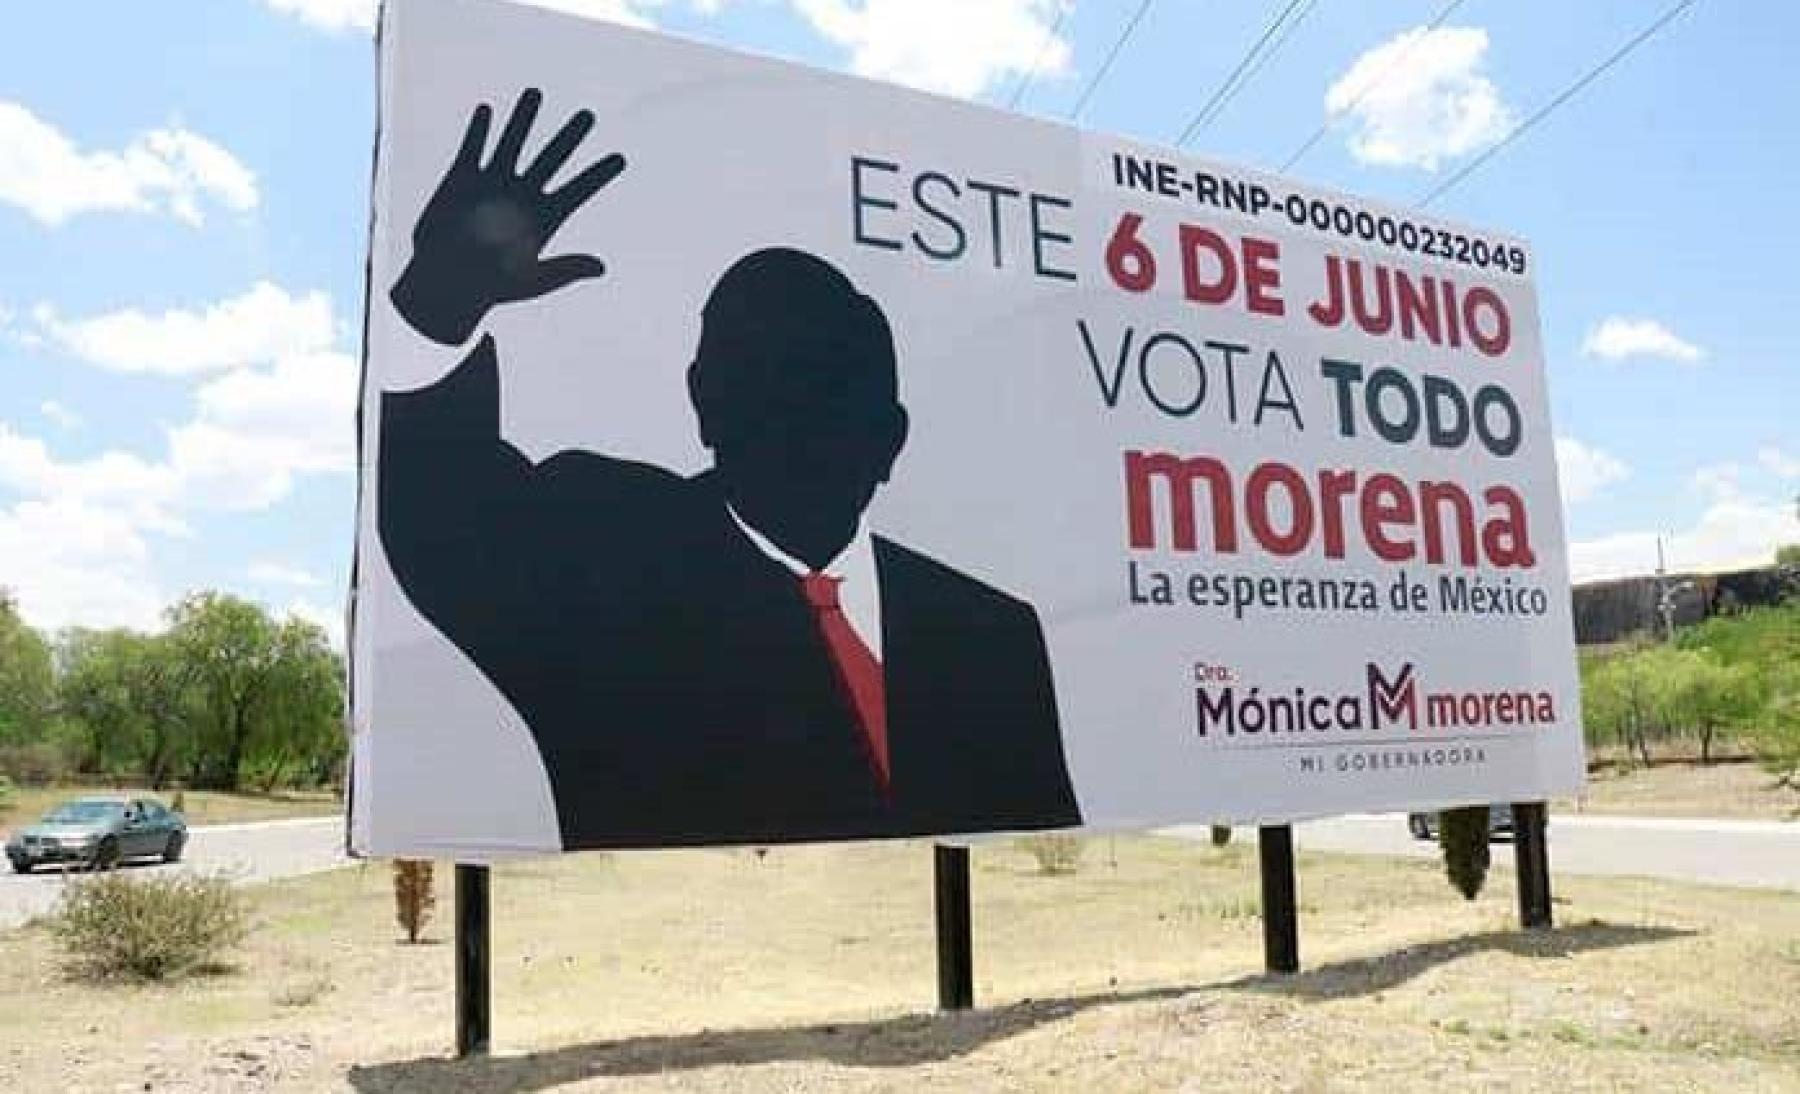 Pese a que Leonel lo hace, PVEM acusa a Morena de usar imagen de AMLO